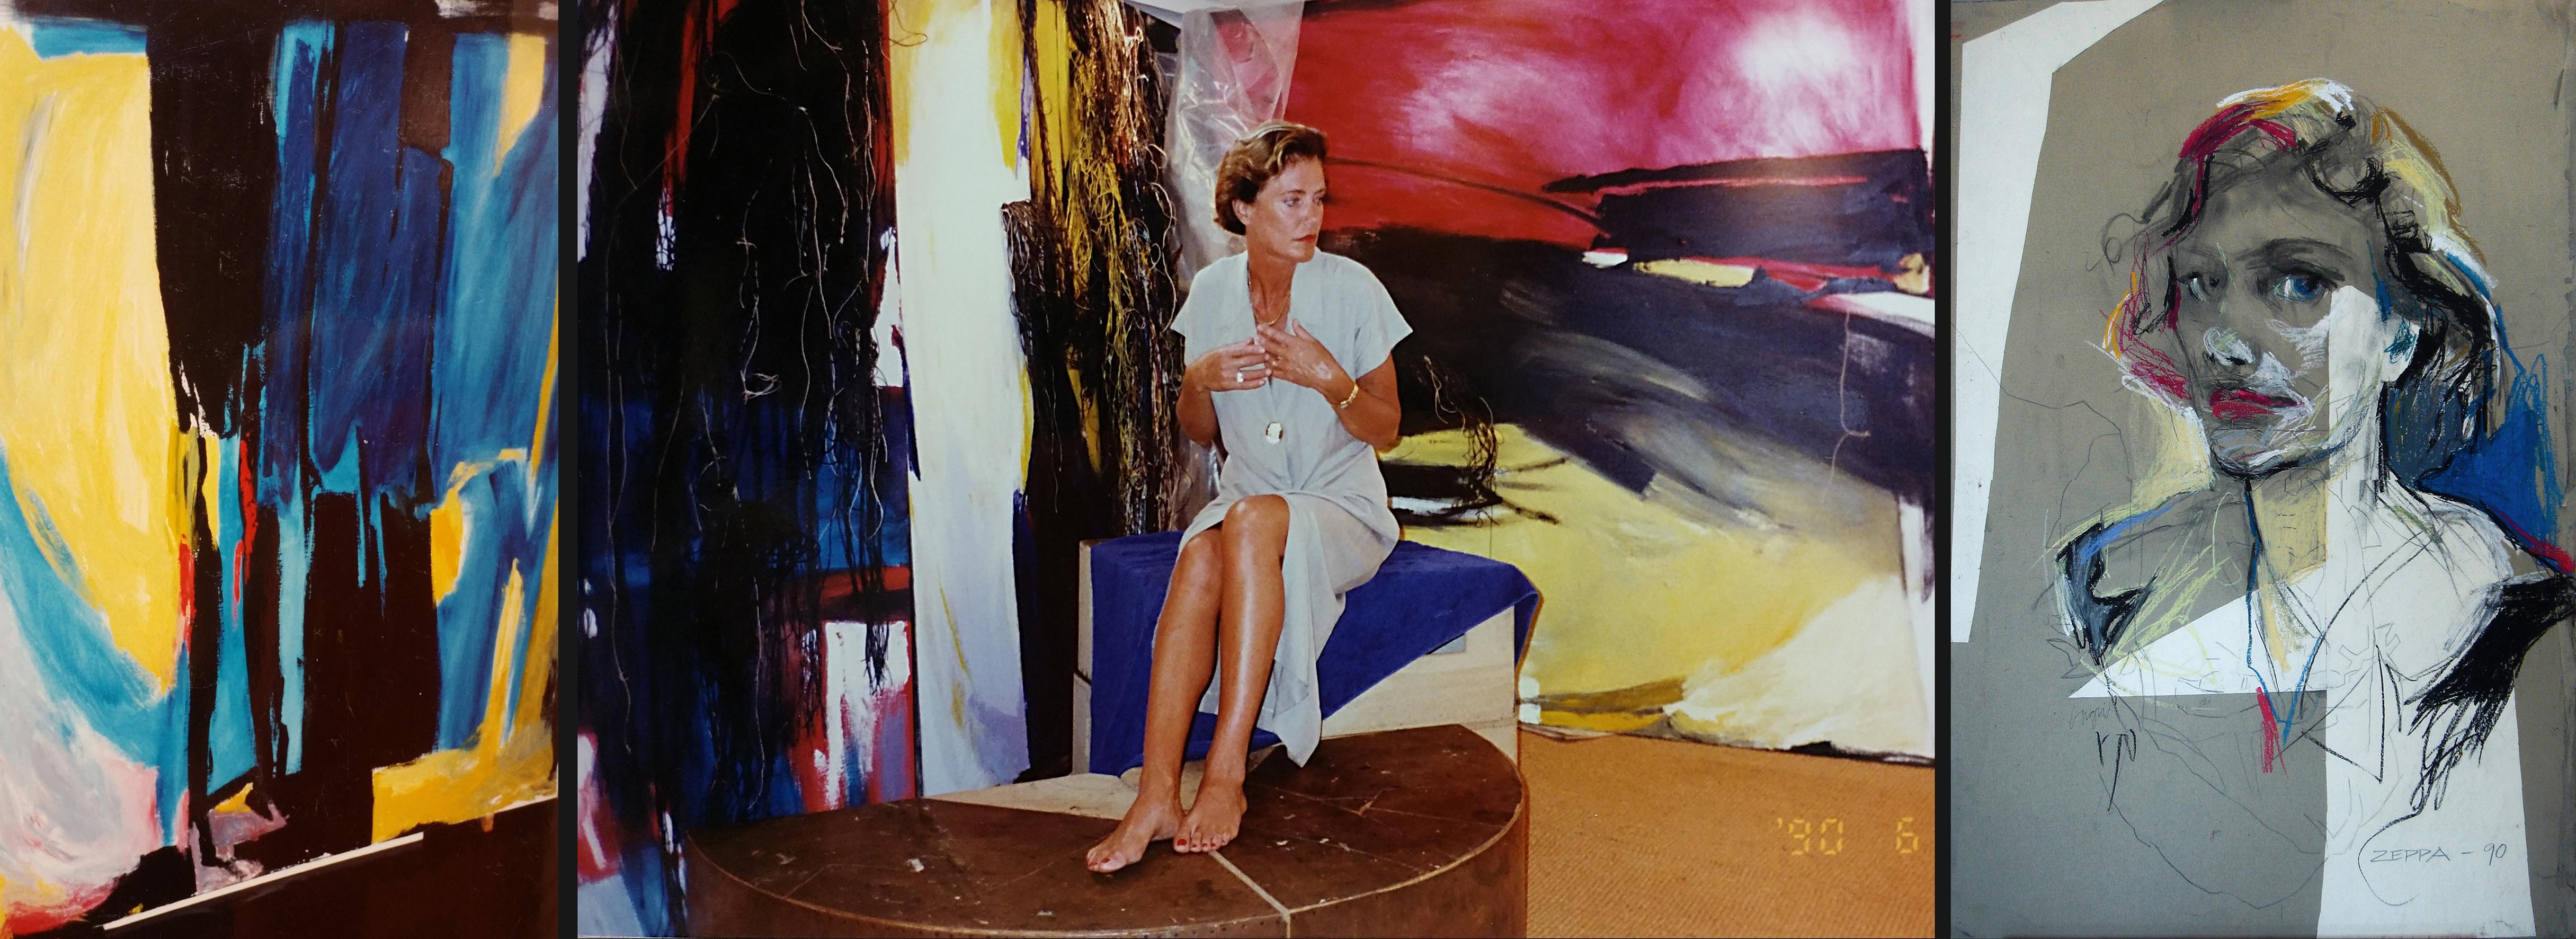 collage.Ingrid.90